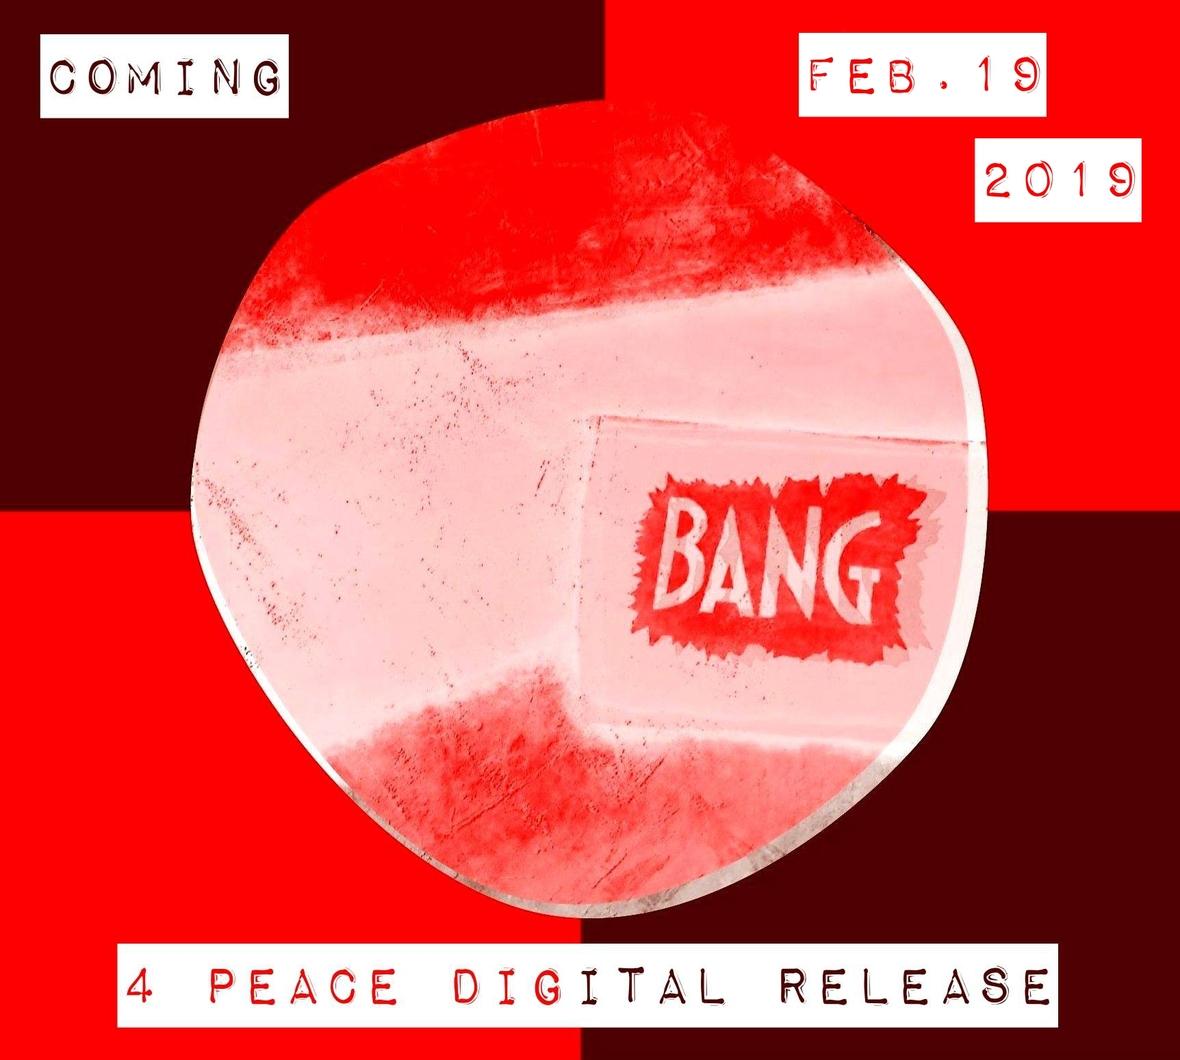 IAM - Release Feb. 19